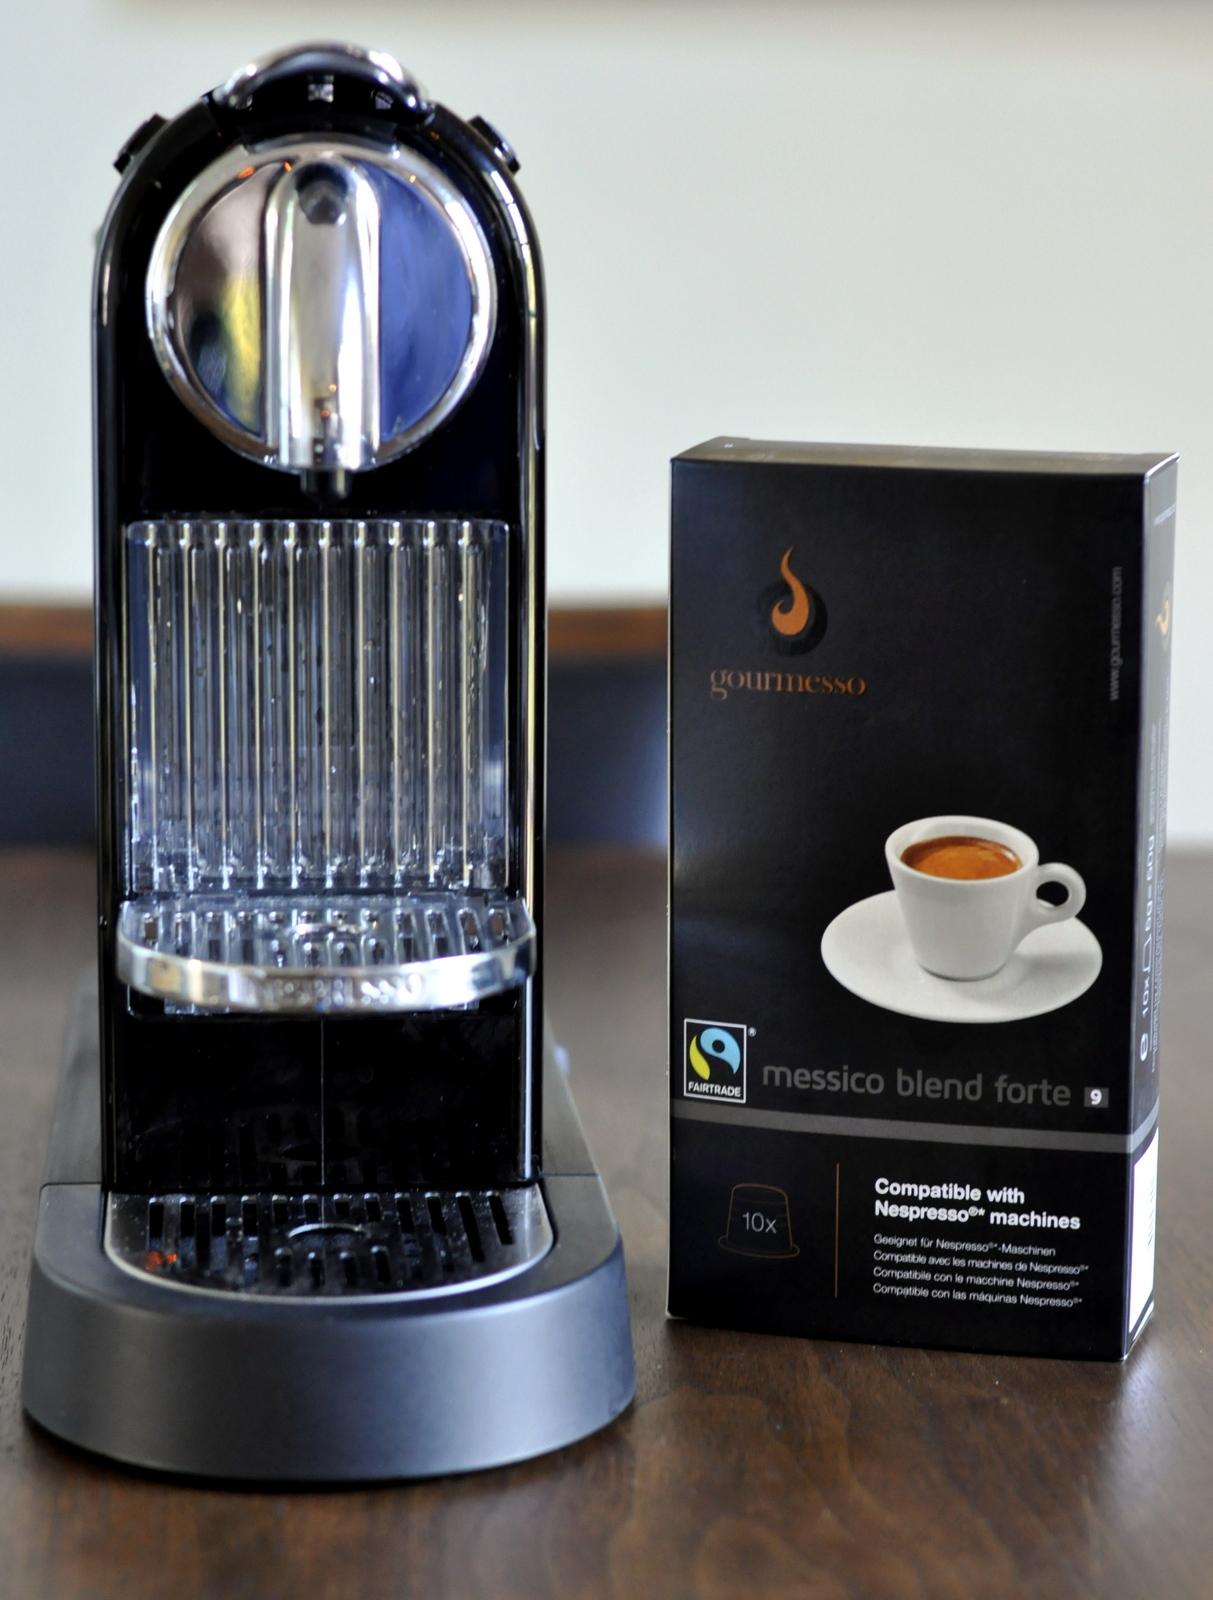 Nespresso-CitiZ-Gourmesso-Messico-Blend-Forte-Espresso-Capsules-tasteasyougo.com